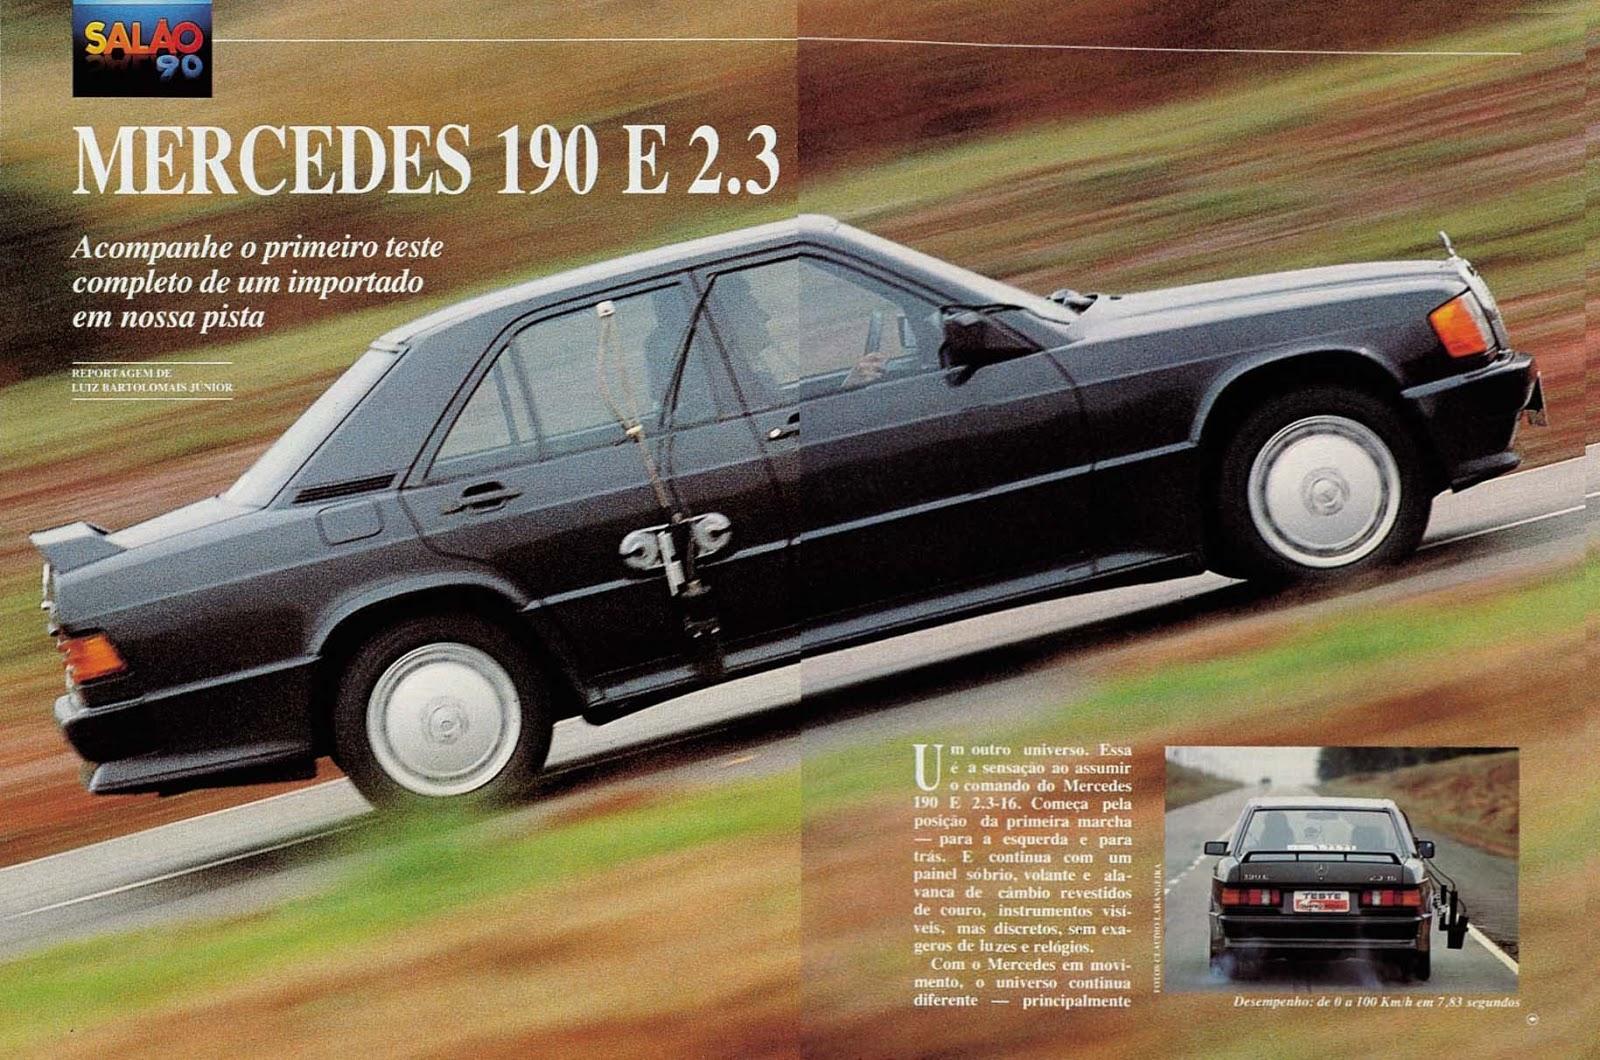 (W201): Avaliação Revista Quatro Rodas - outubro de 1990 - 190E 2.3 363%252C049%252C31%252C10%252CTE